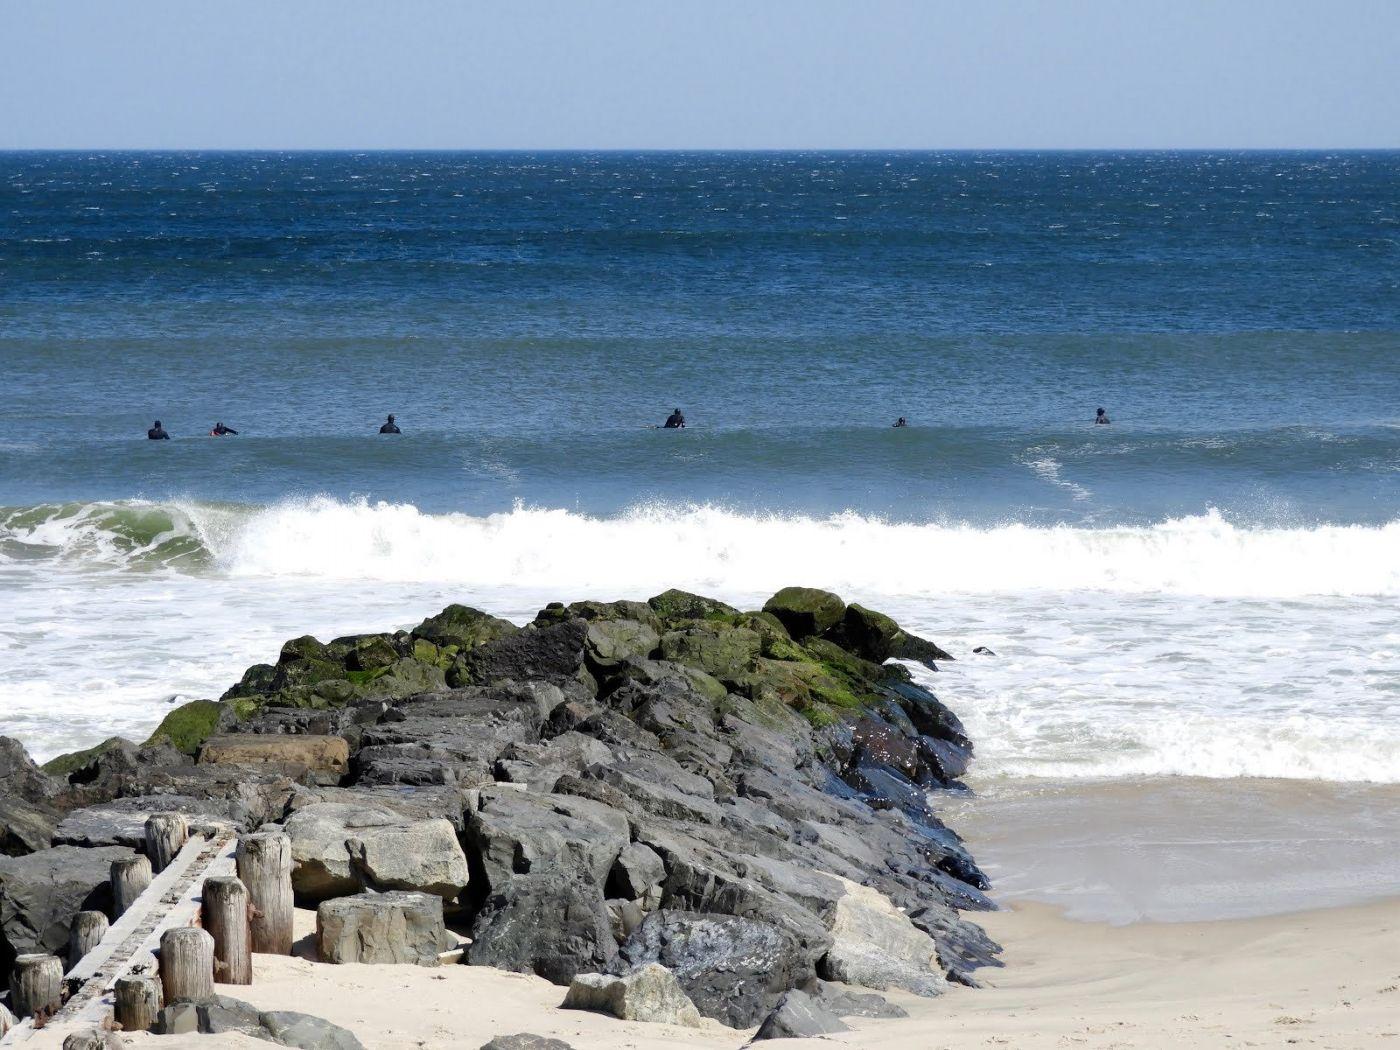 新泽西州冲浪者_图1-2